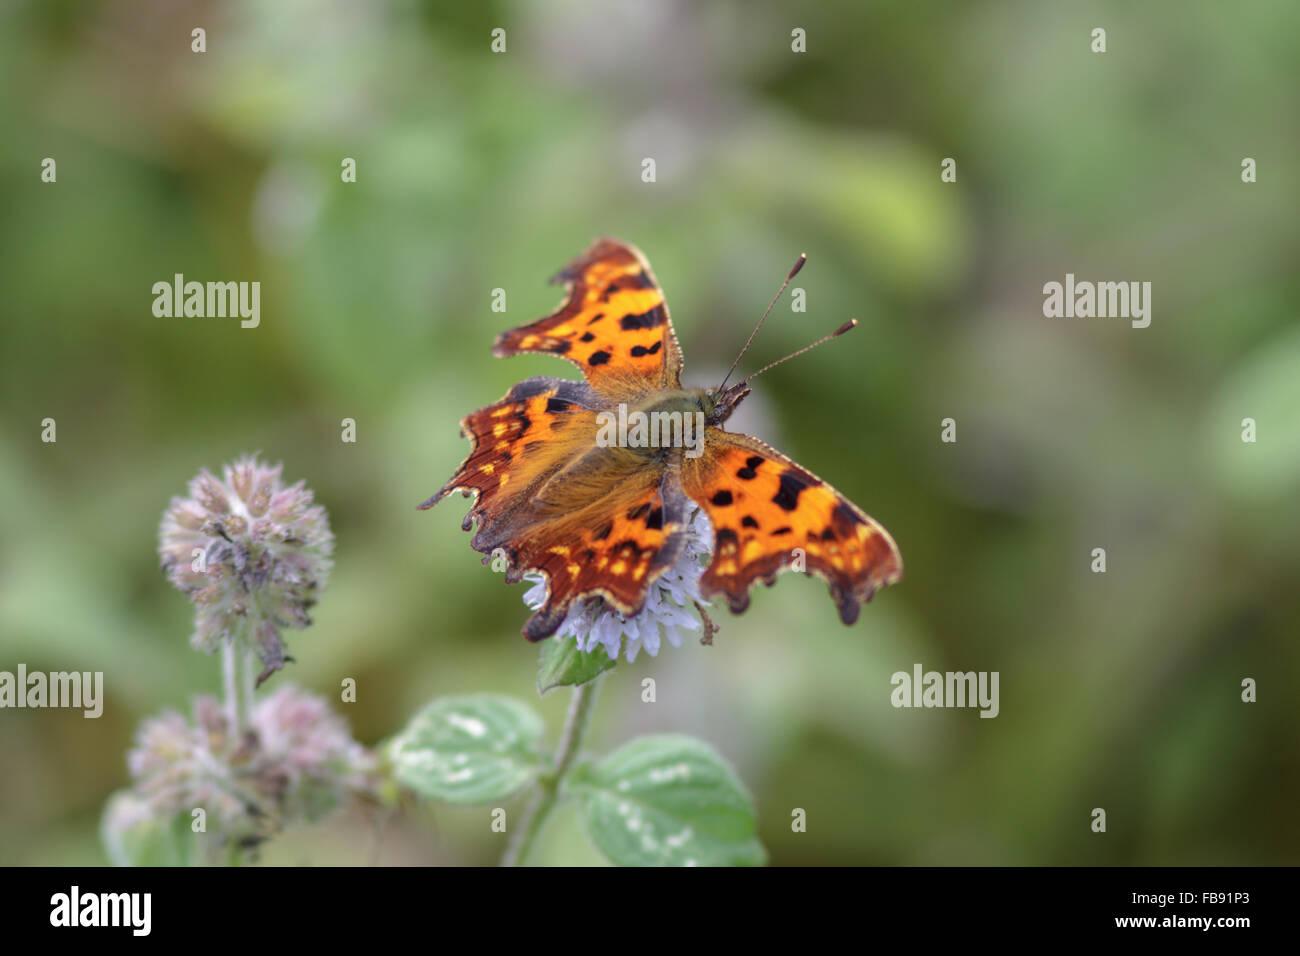 Virgola butterfly arroccato su di un fiore. Immagini Stock